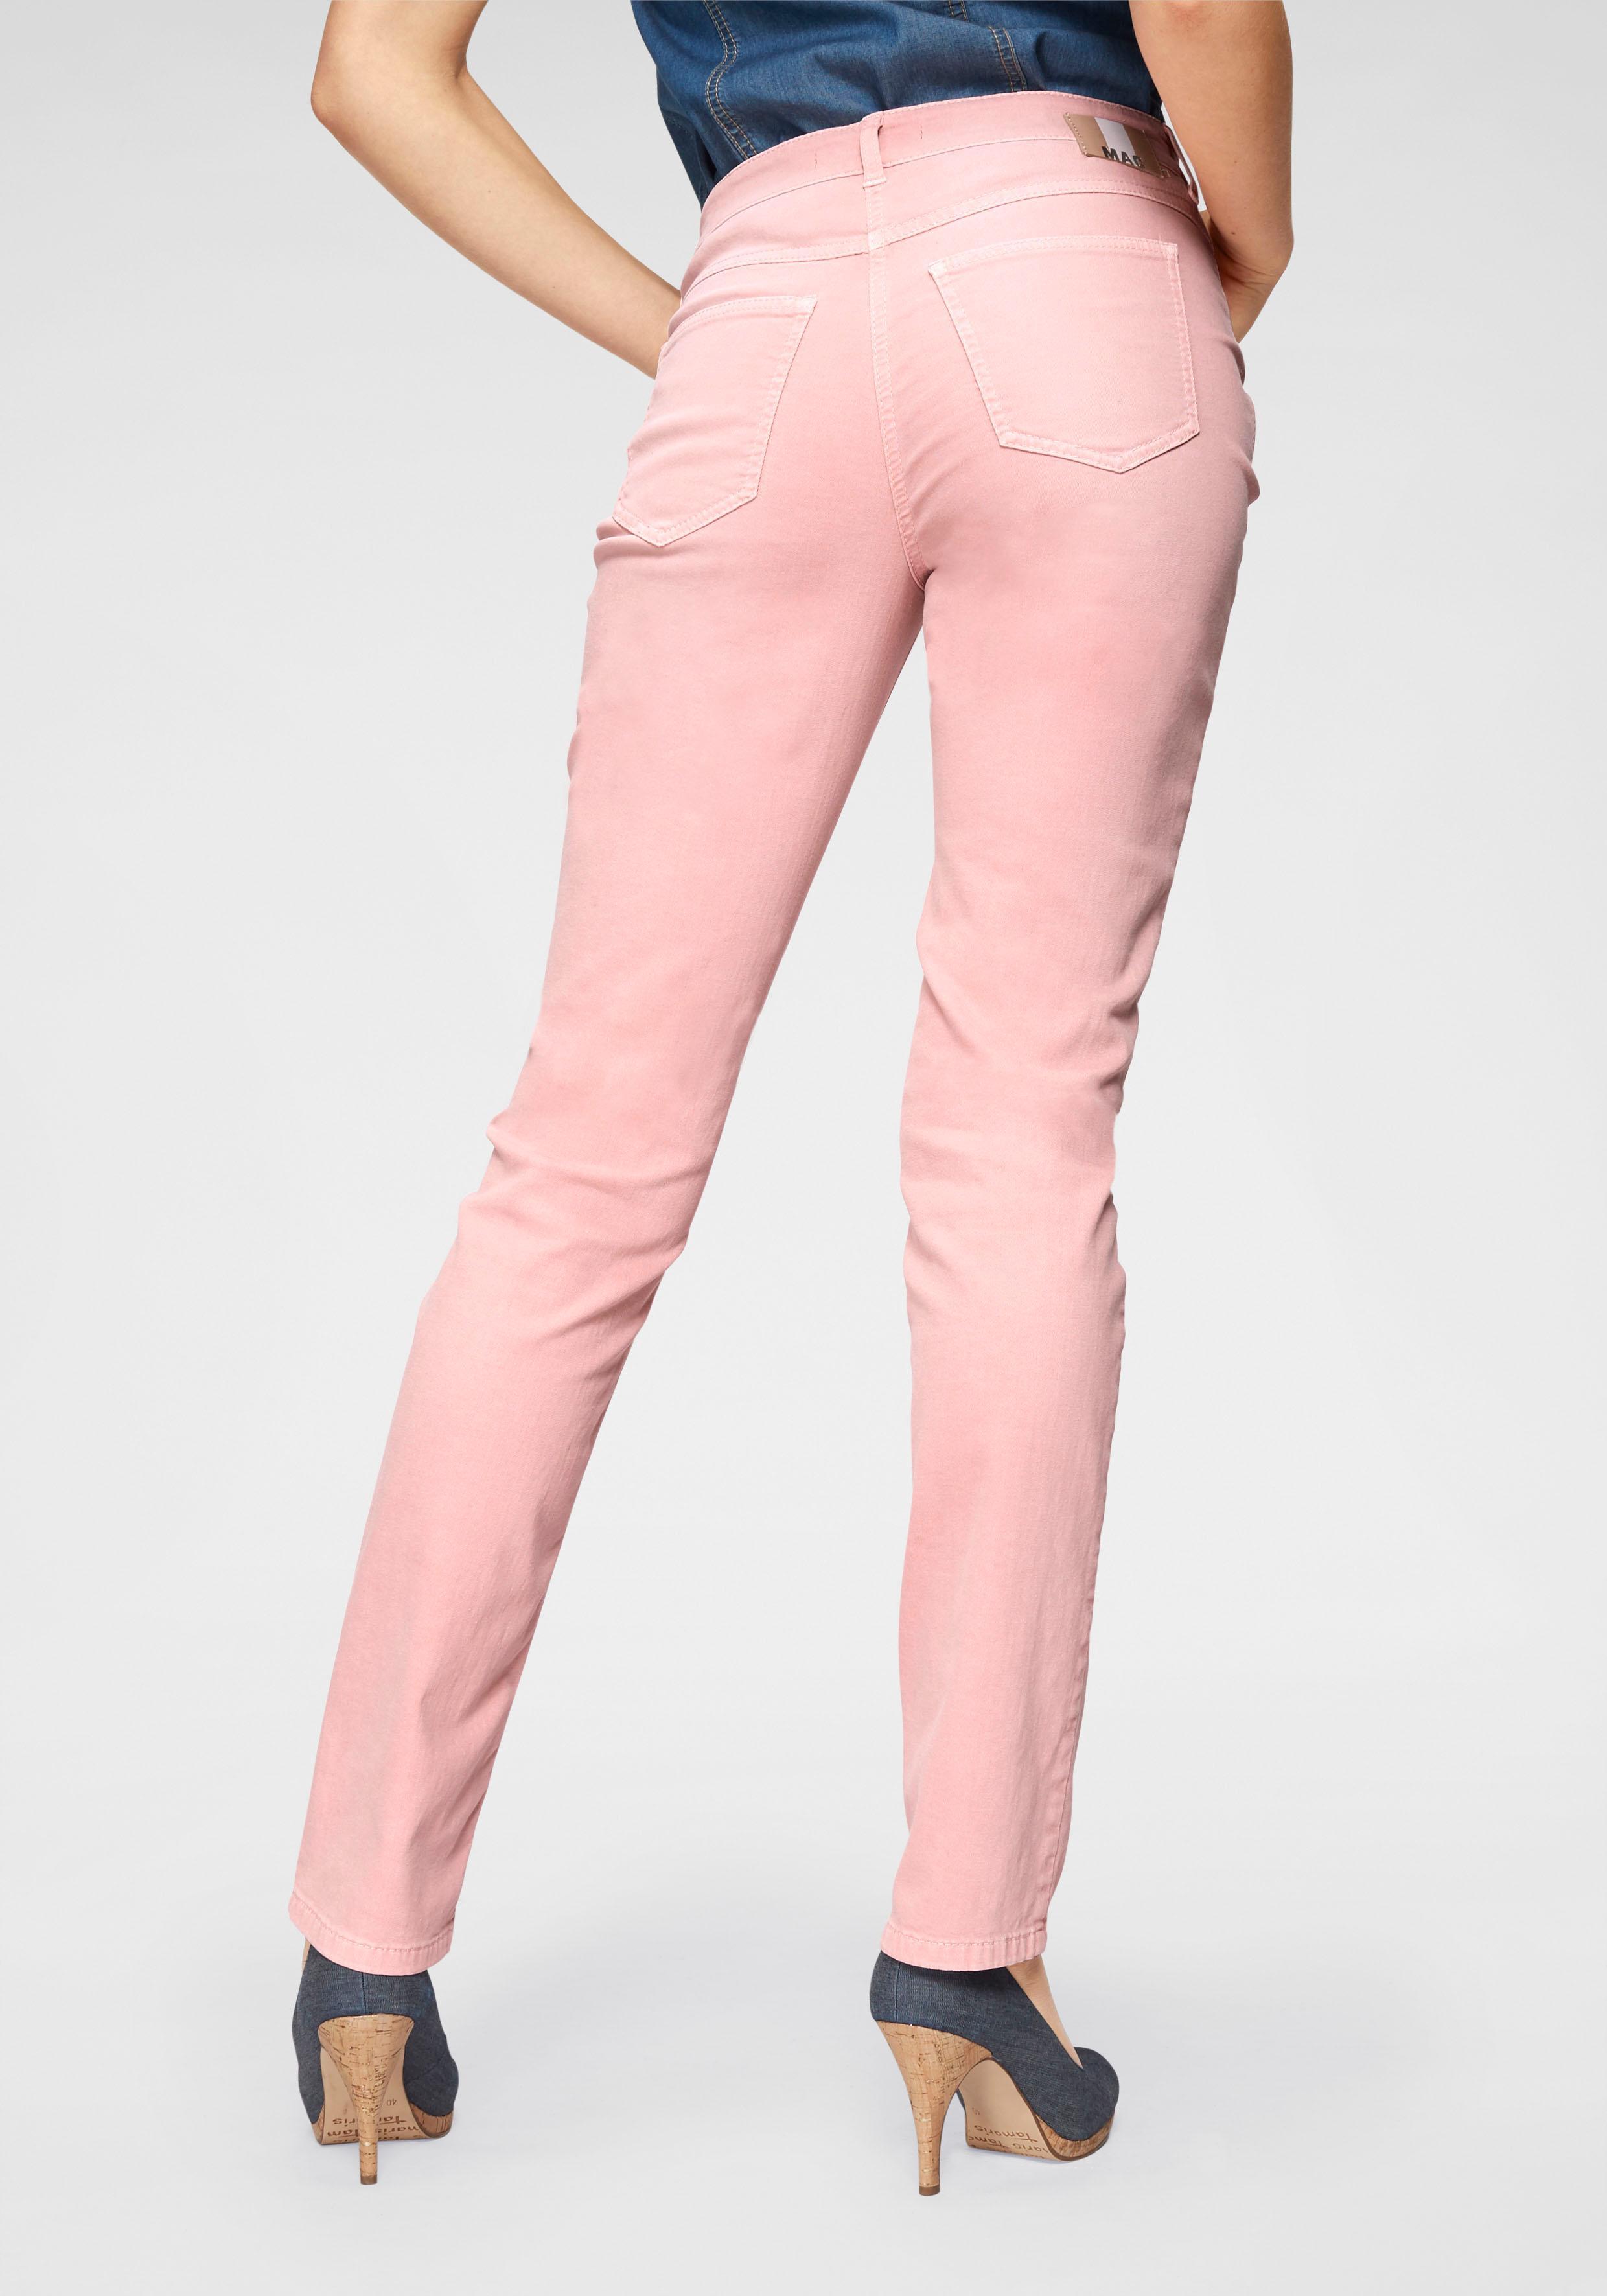 MAC 5-Pocket-Jeans Angela Summer | Bekleidung > Jeans > 5-Pocket-Jeans | Mac